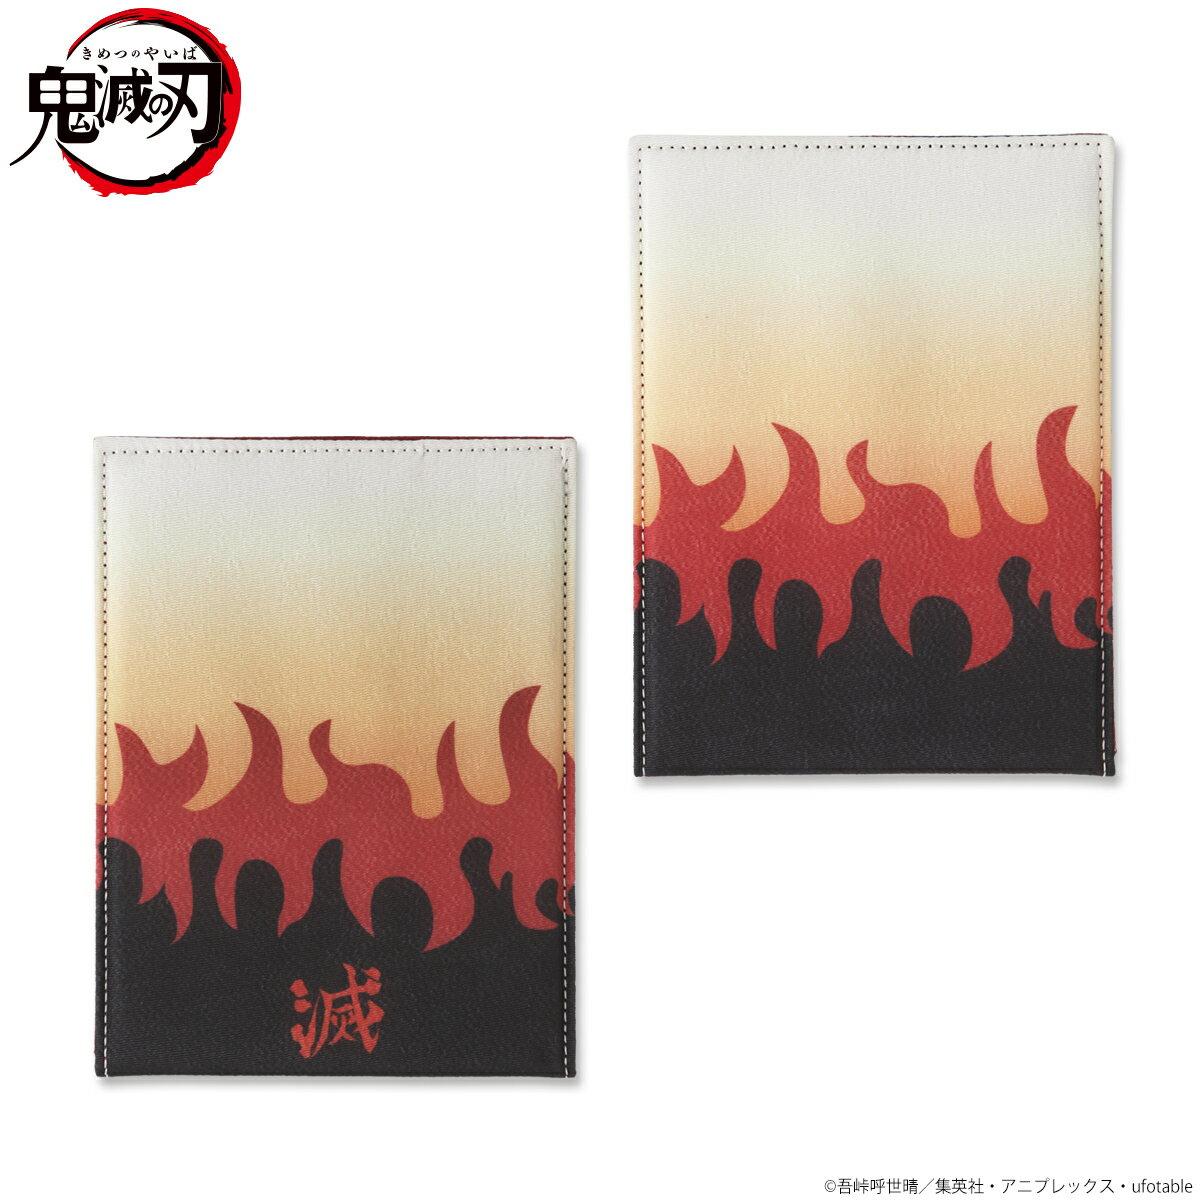 鬼滅の刃 和ミラー(スクエア型)煉獄杏寿郎